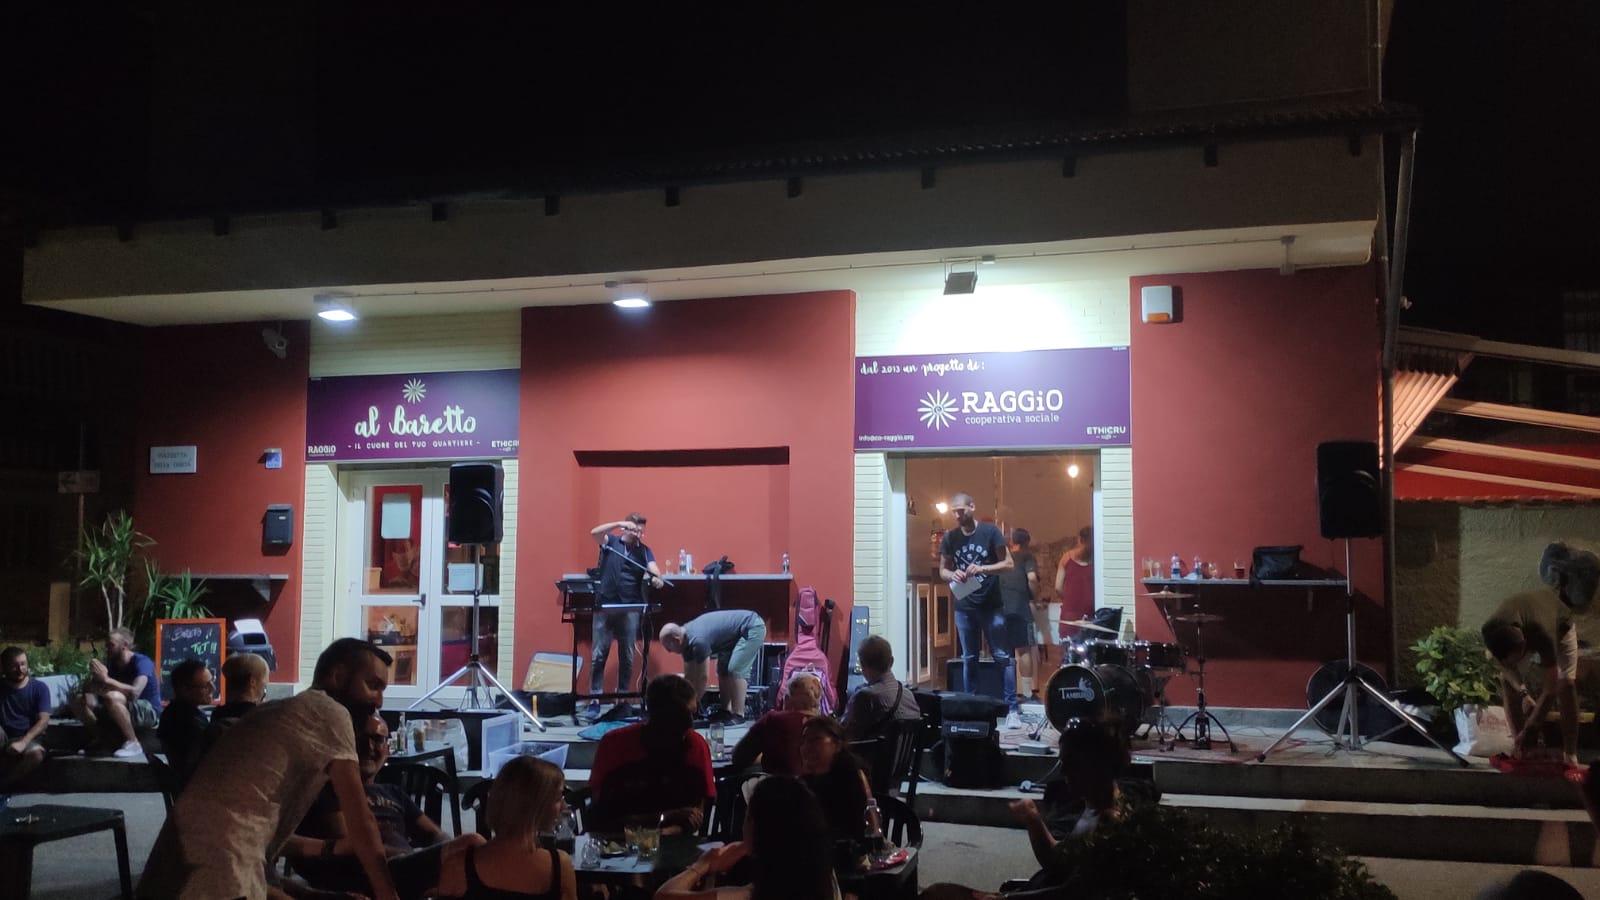 Al Baretto Torino, esterno del locale di sera - tavolini all'aperto con gente seduta e musicisti che suonano